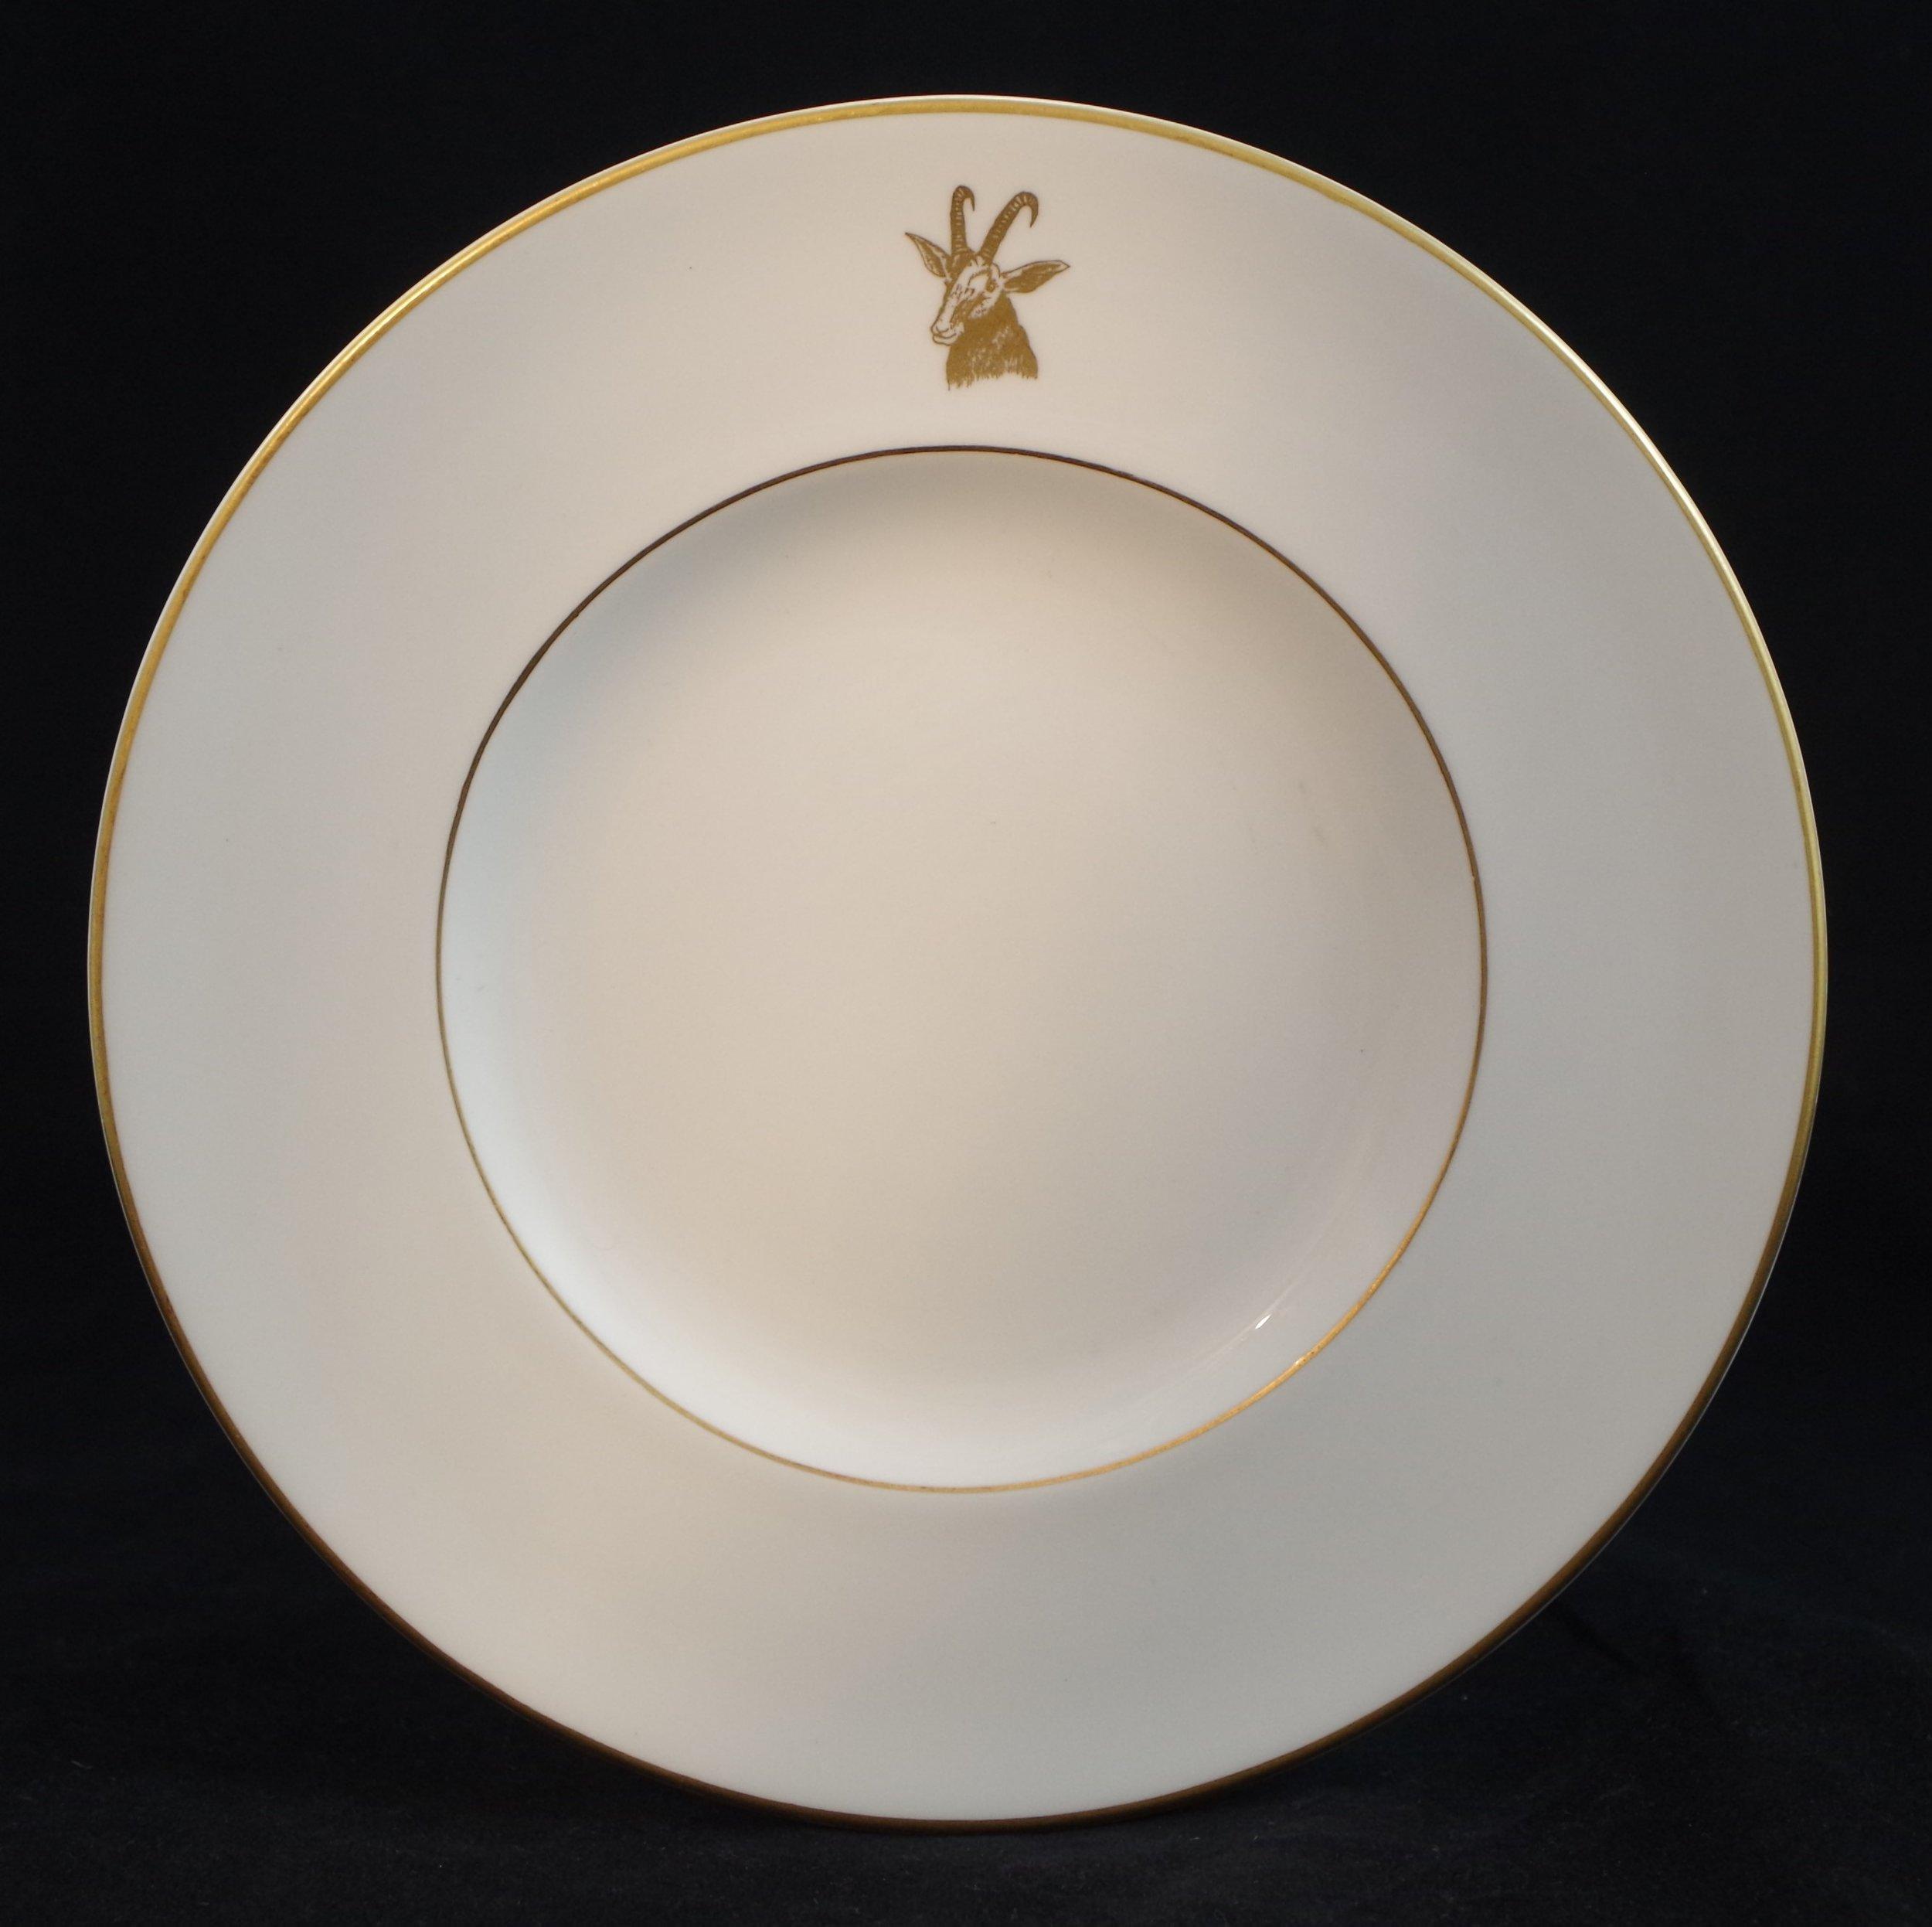 Rhodesia Plate